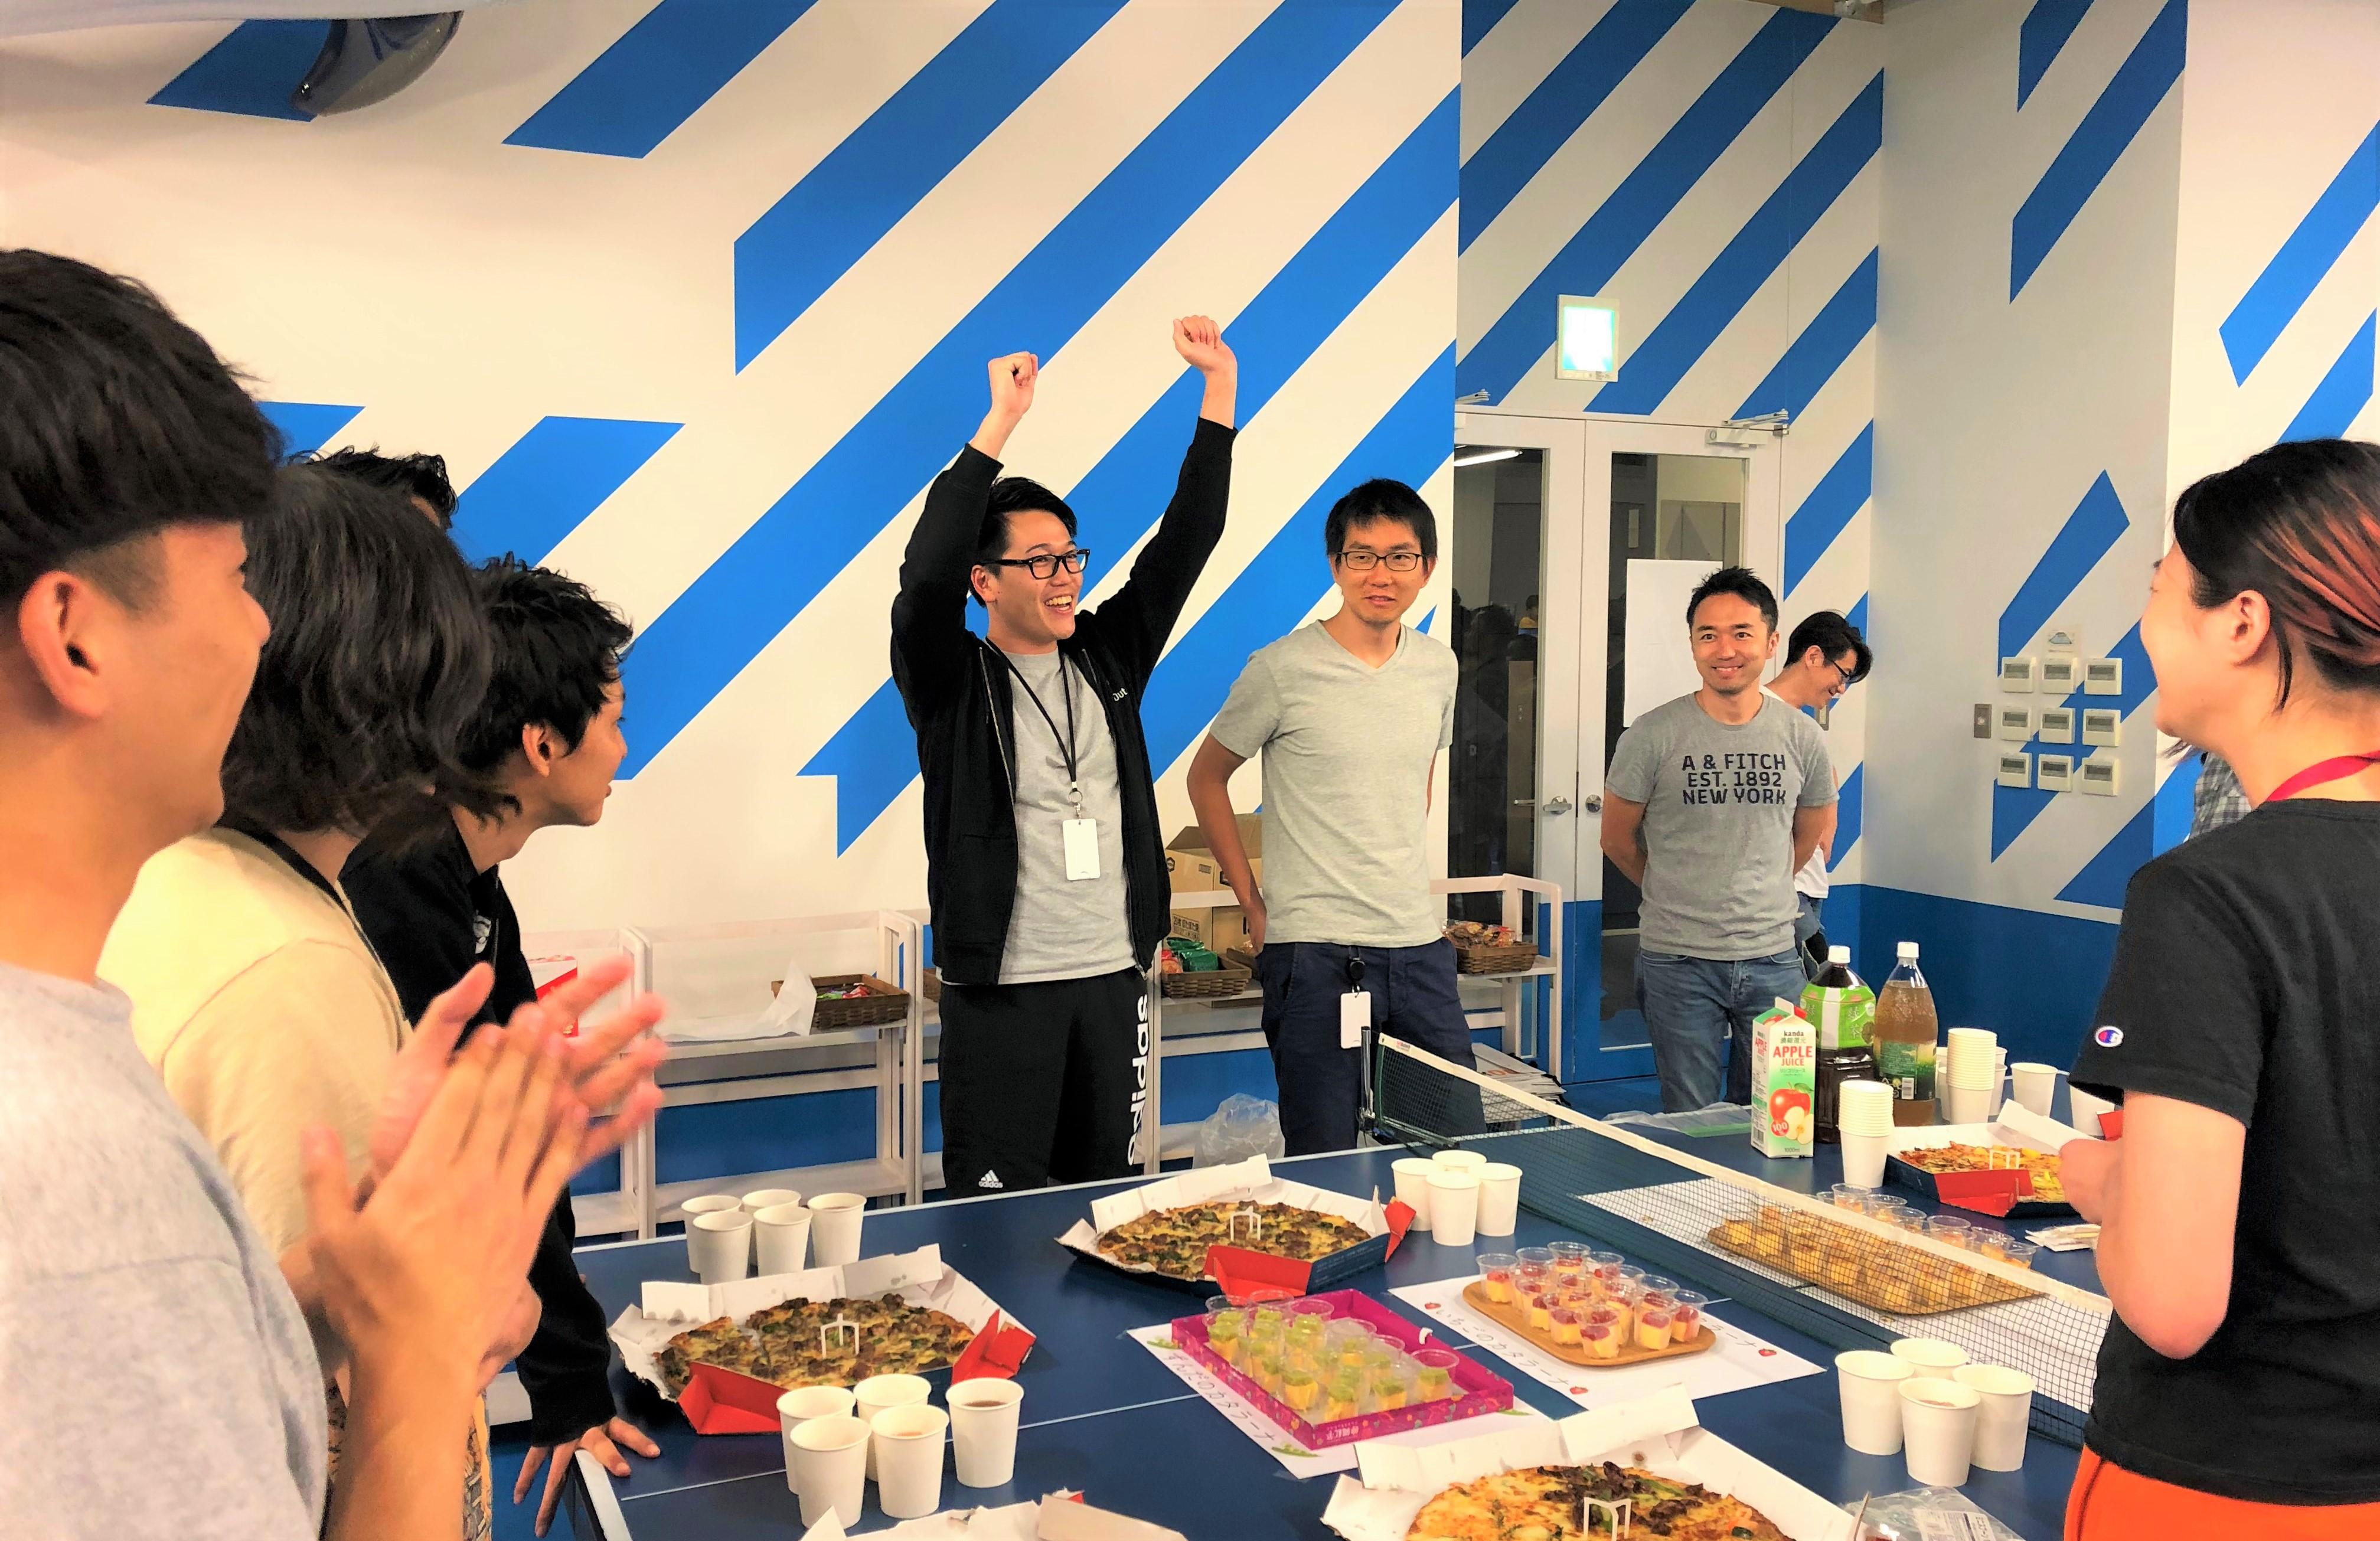 【全社でワイワイ8月】Global CEO 本田も参加!手土産のバーガーで早食い選手権スタート!?